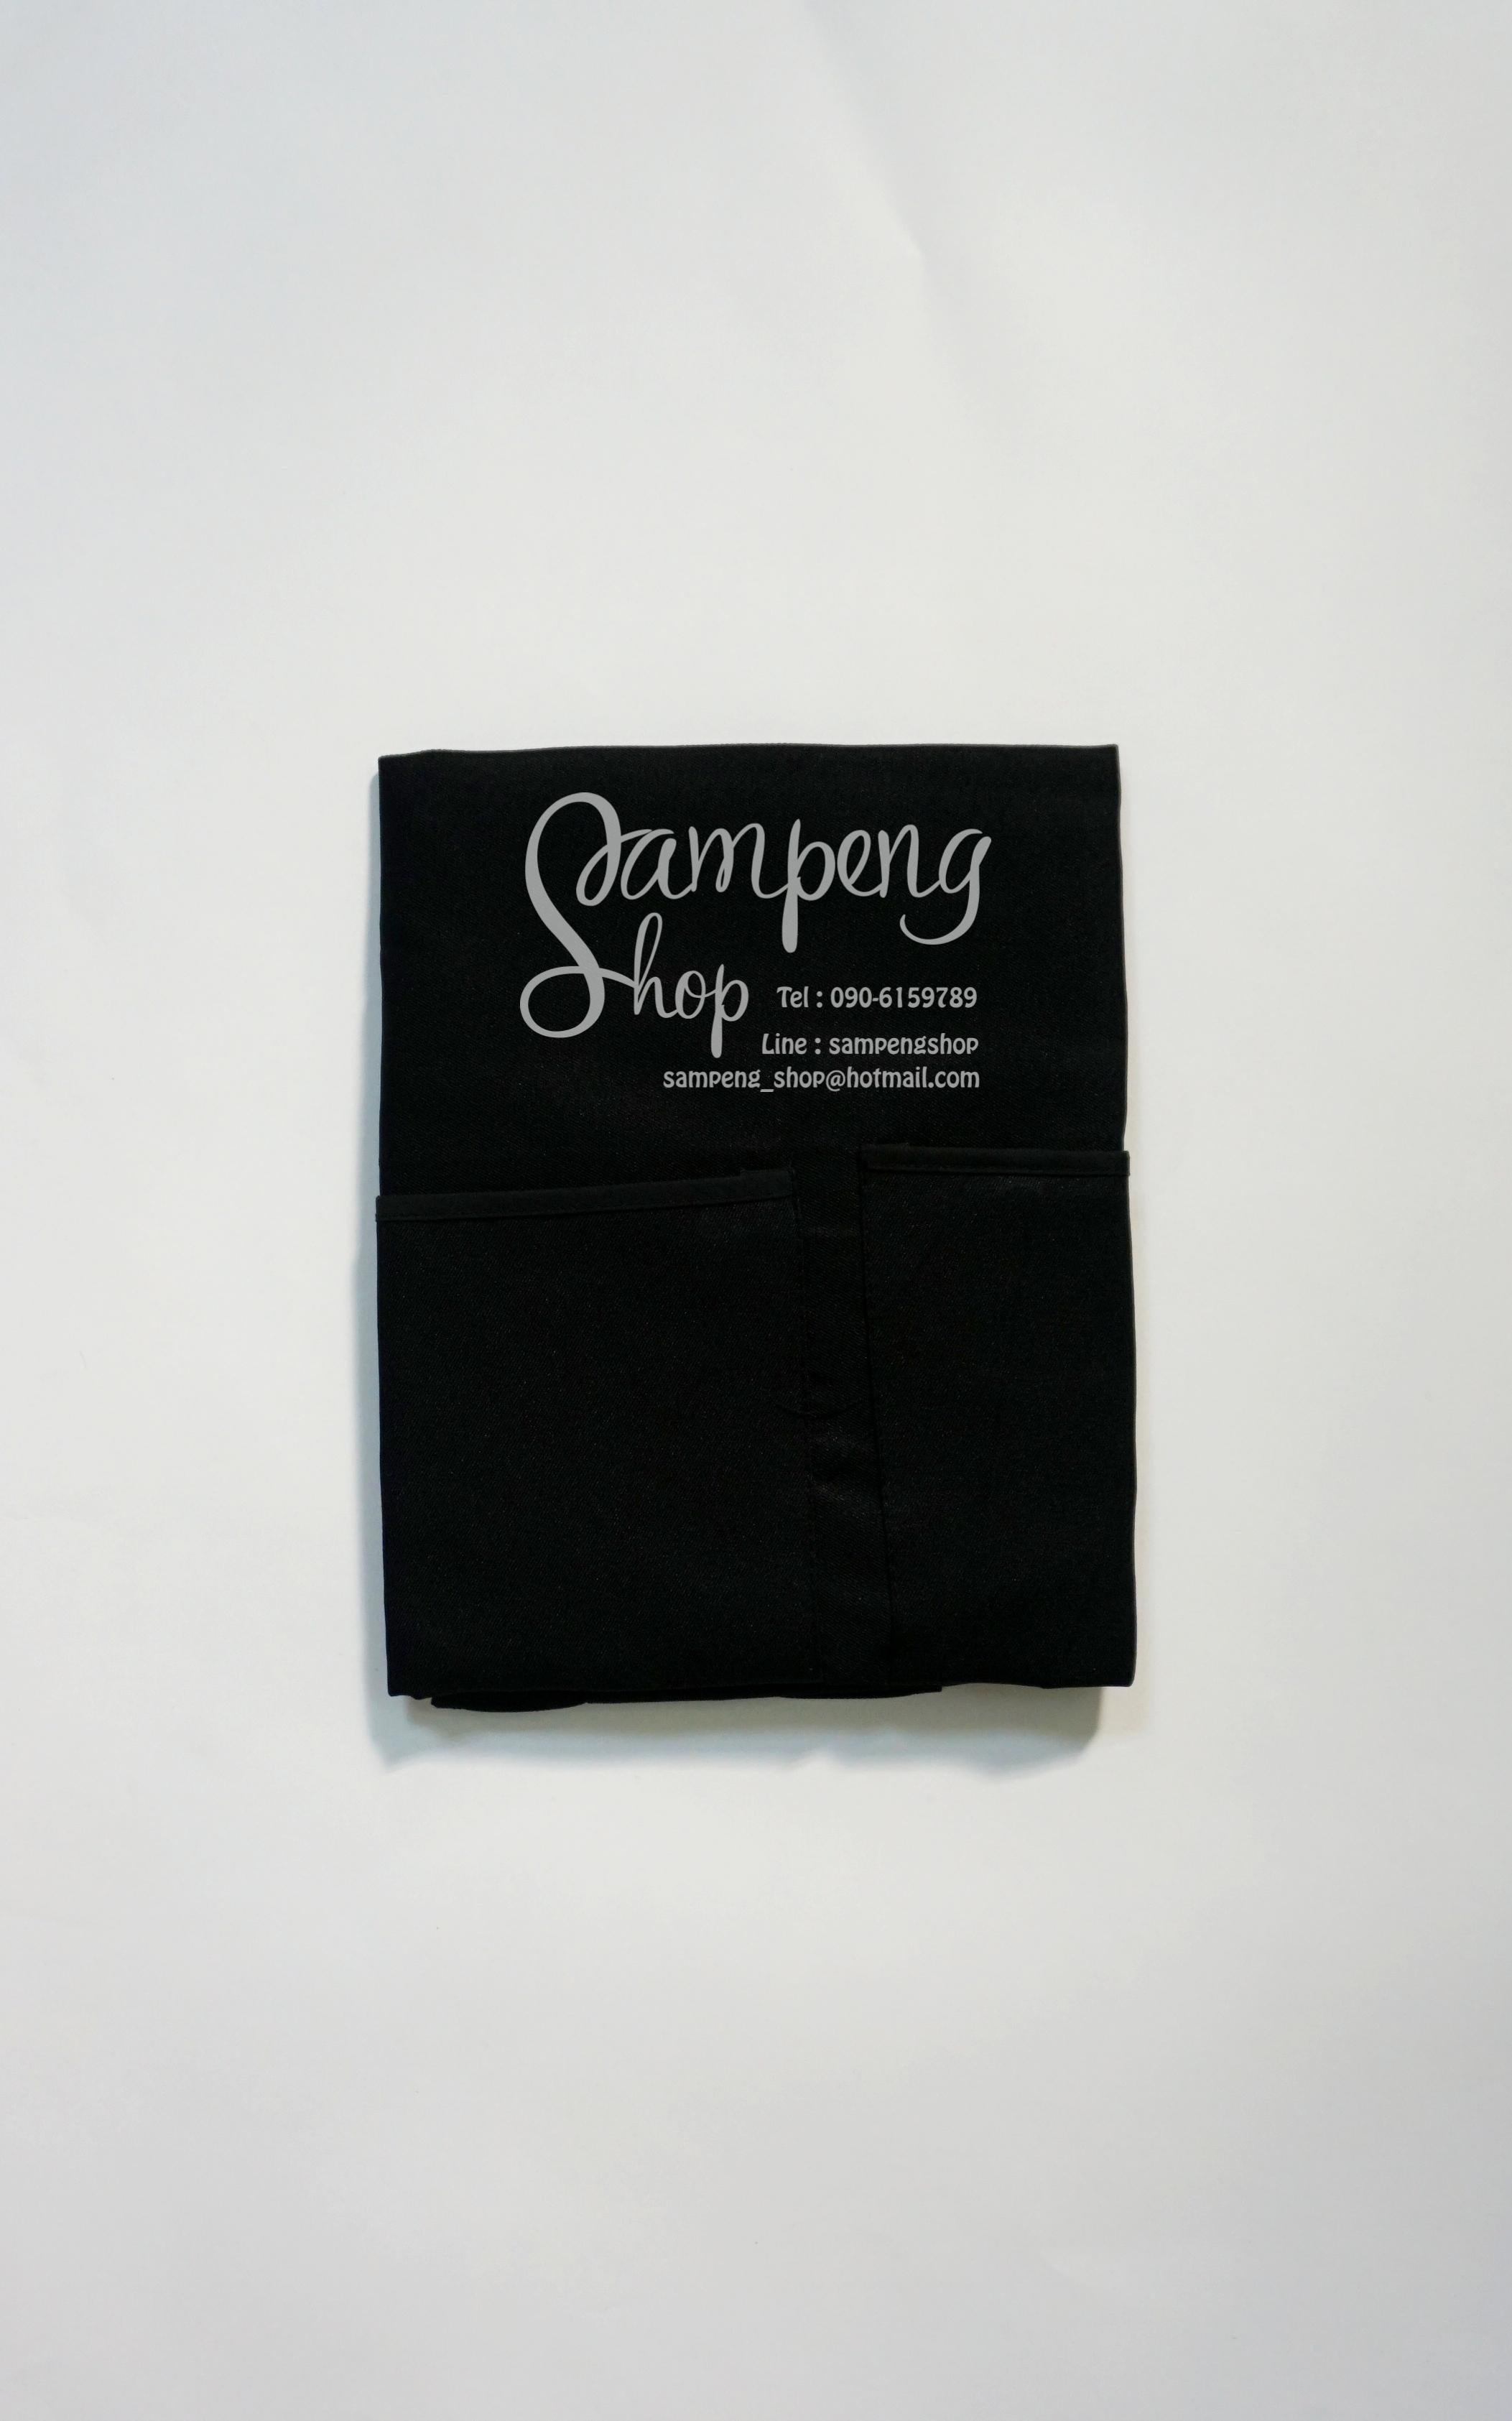 ผ้ากันเปื้อน สีดำ